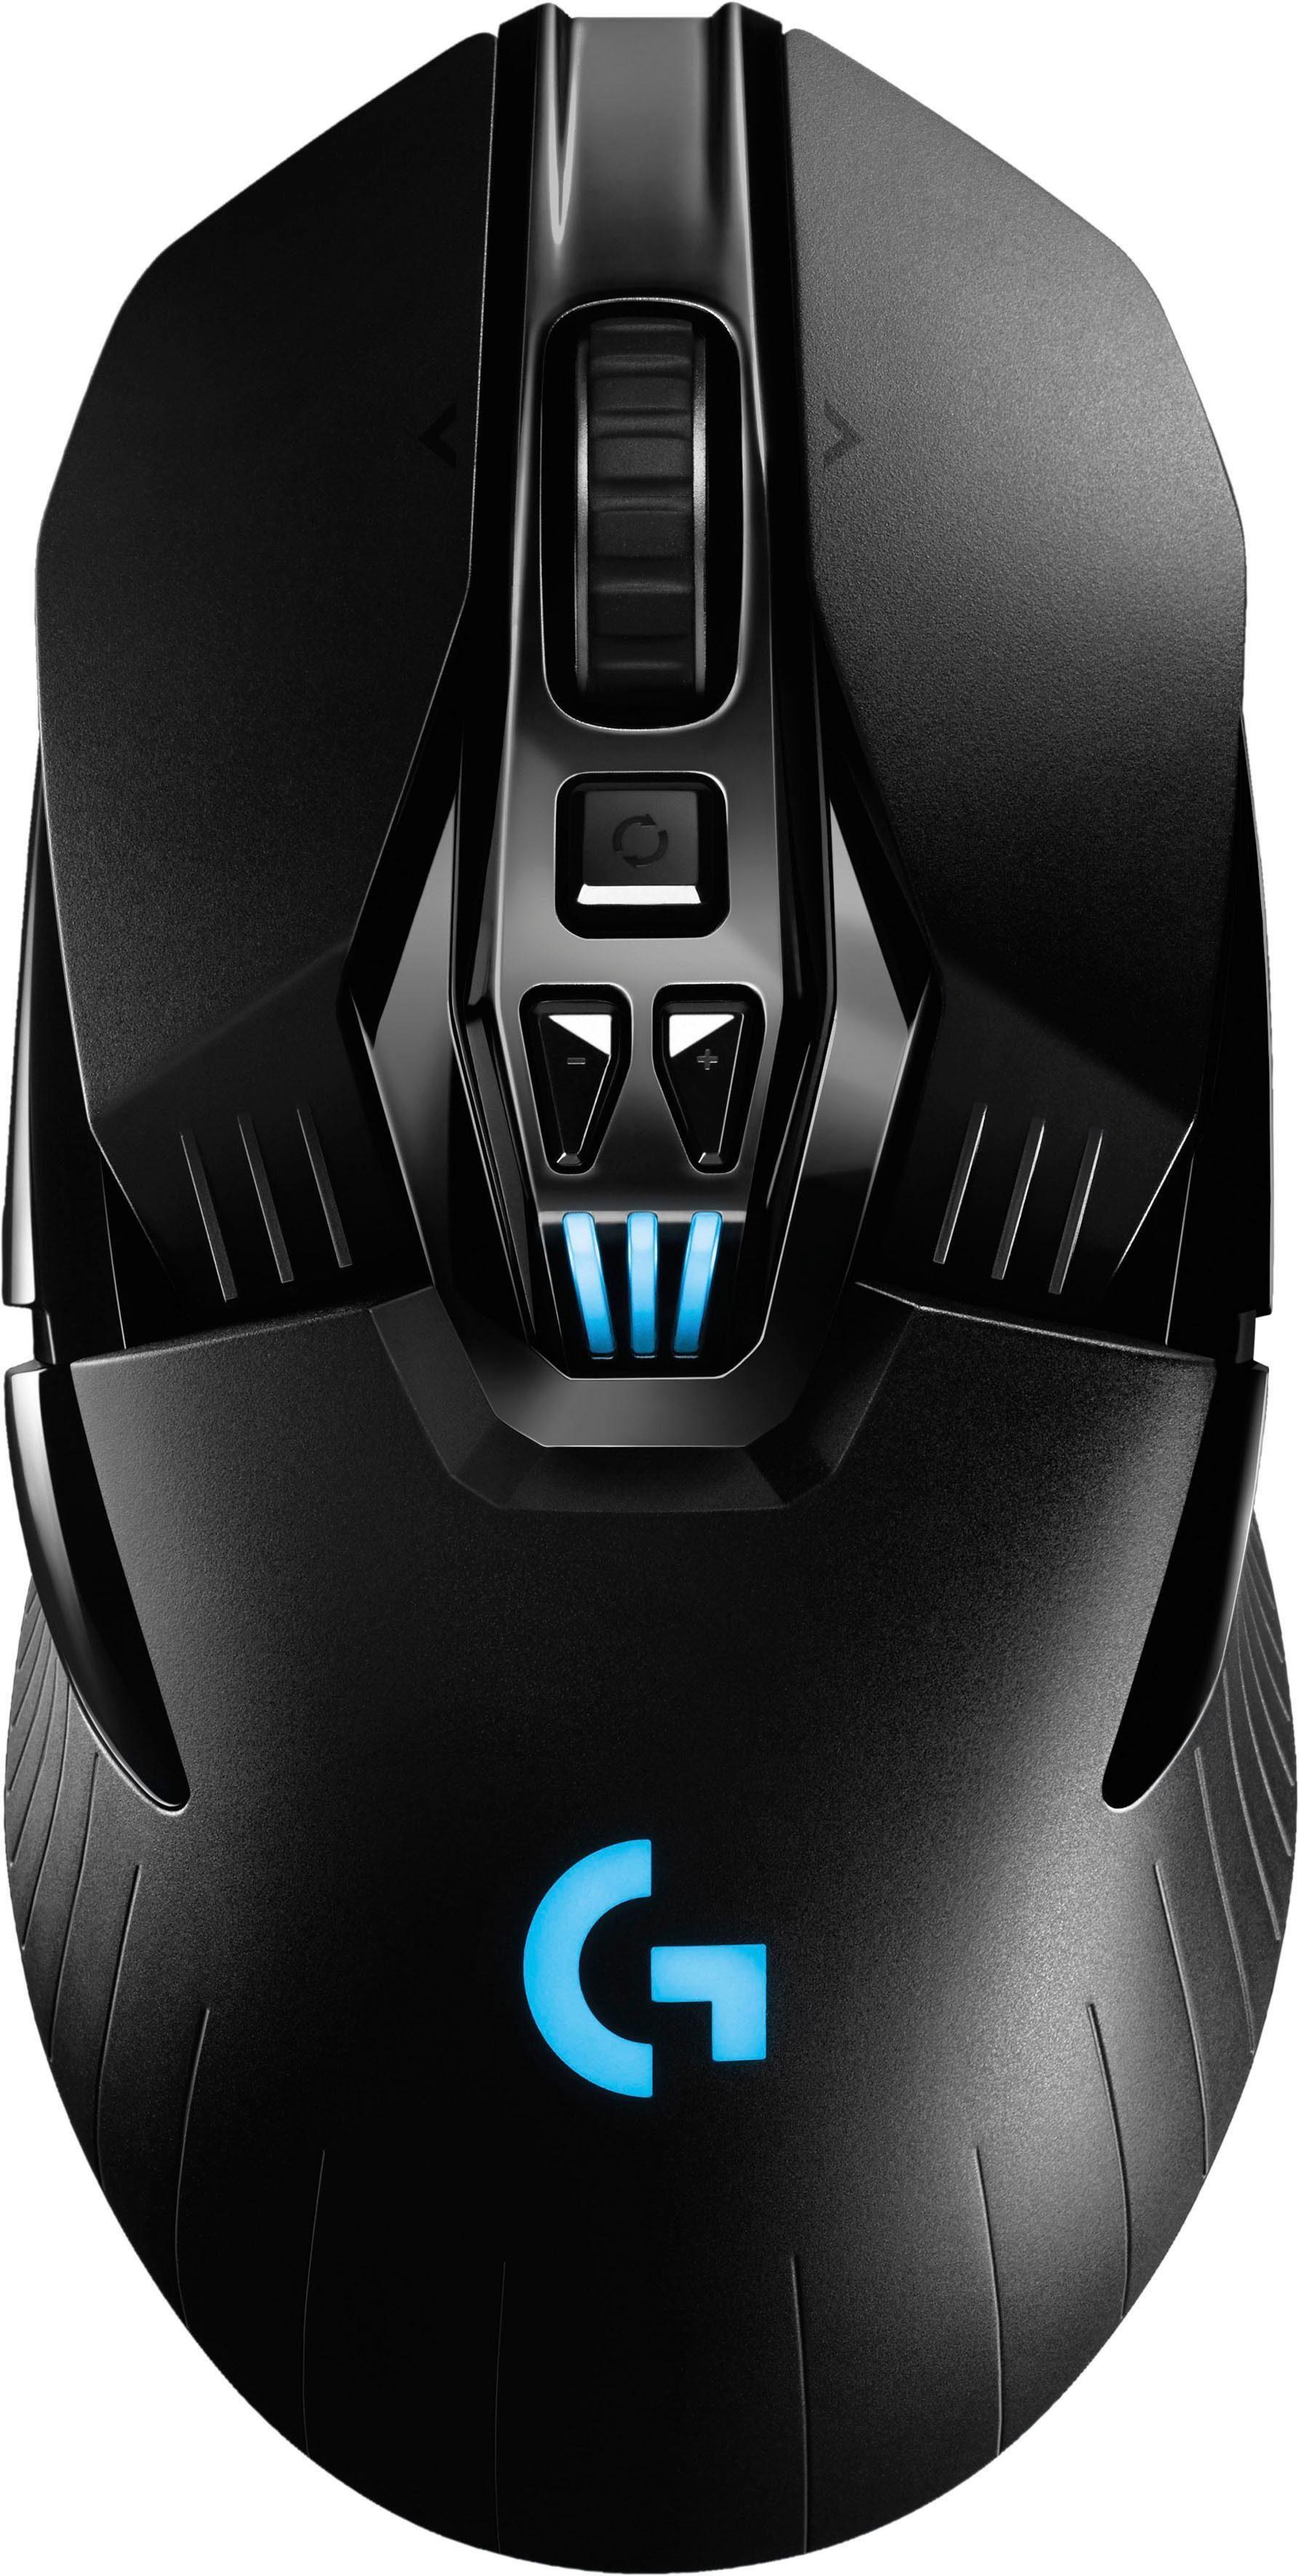 Logitech Games Logitech G903 Lightspeed kabellose Gaming Maus Gaming-Maus